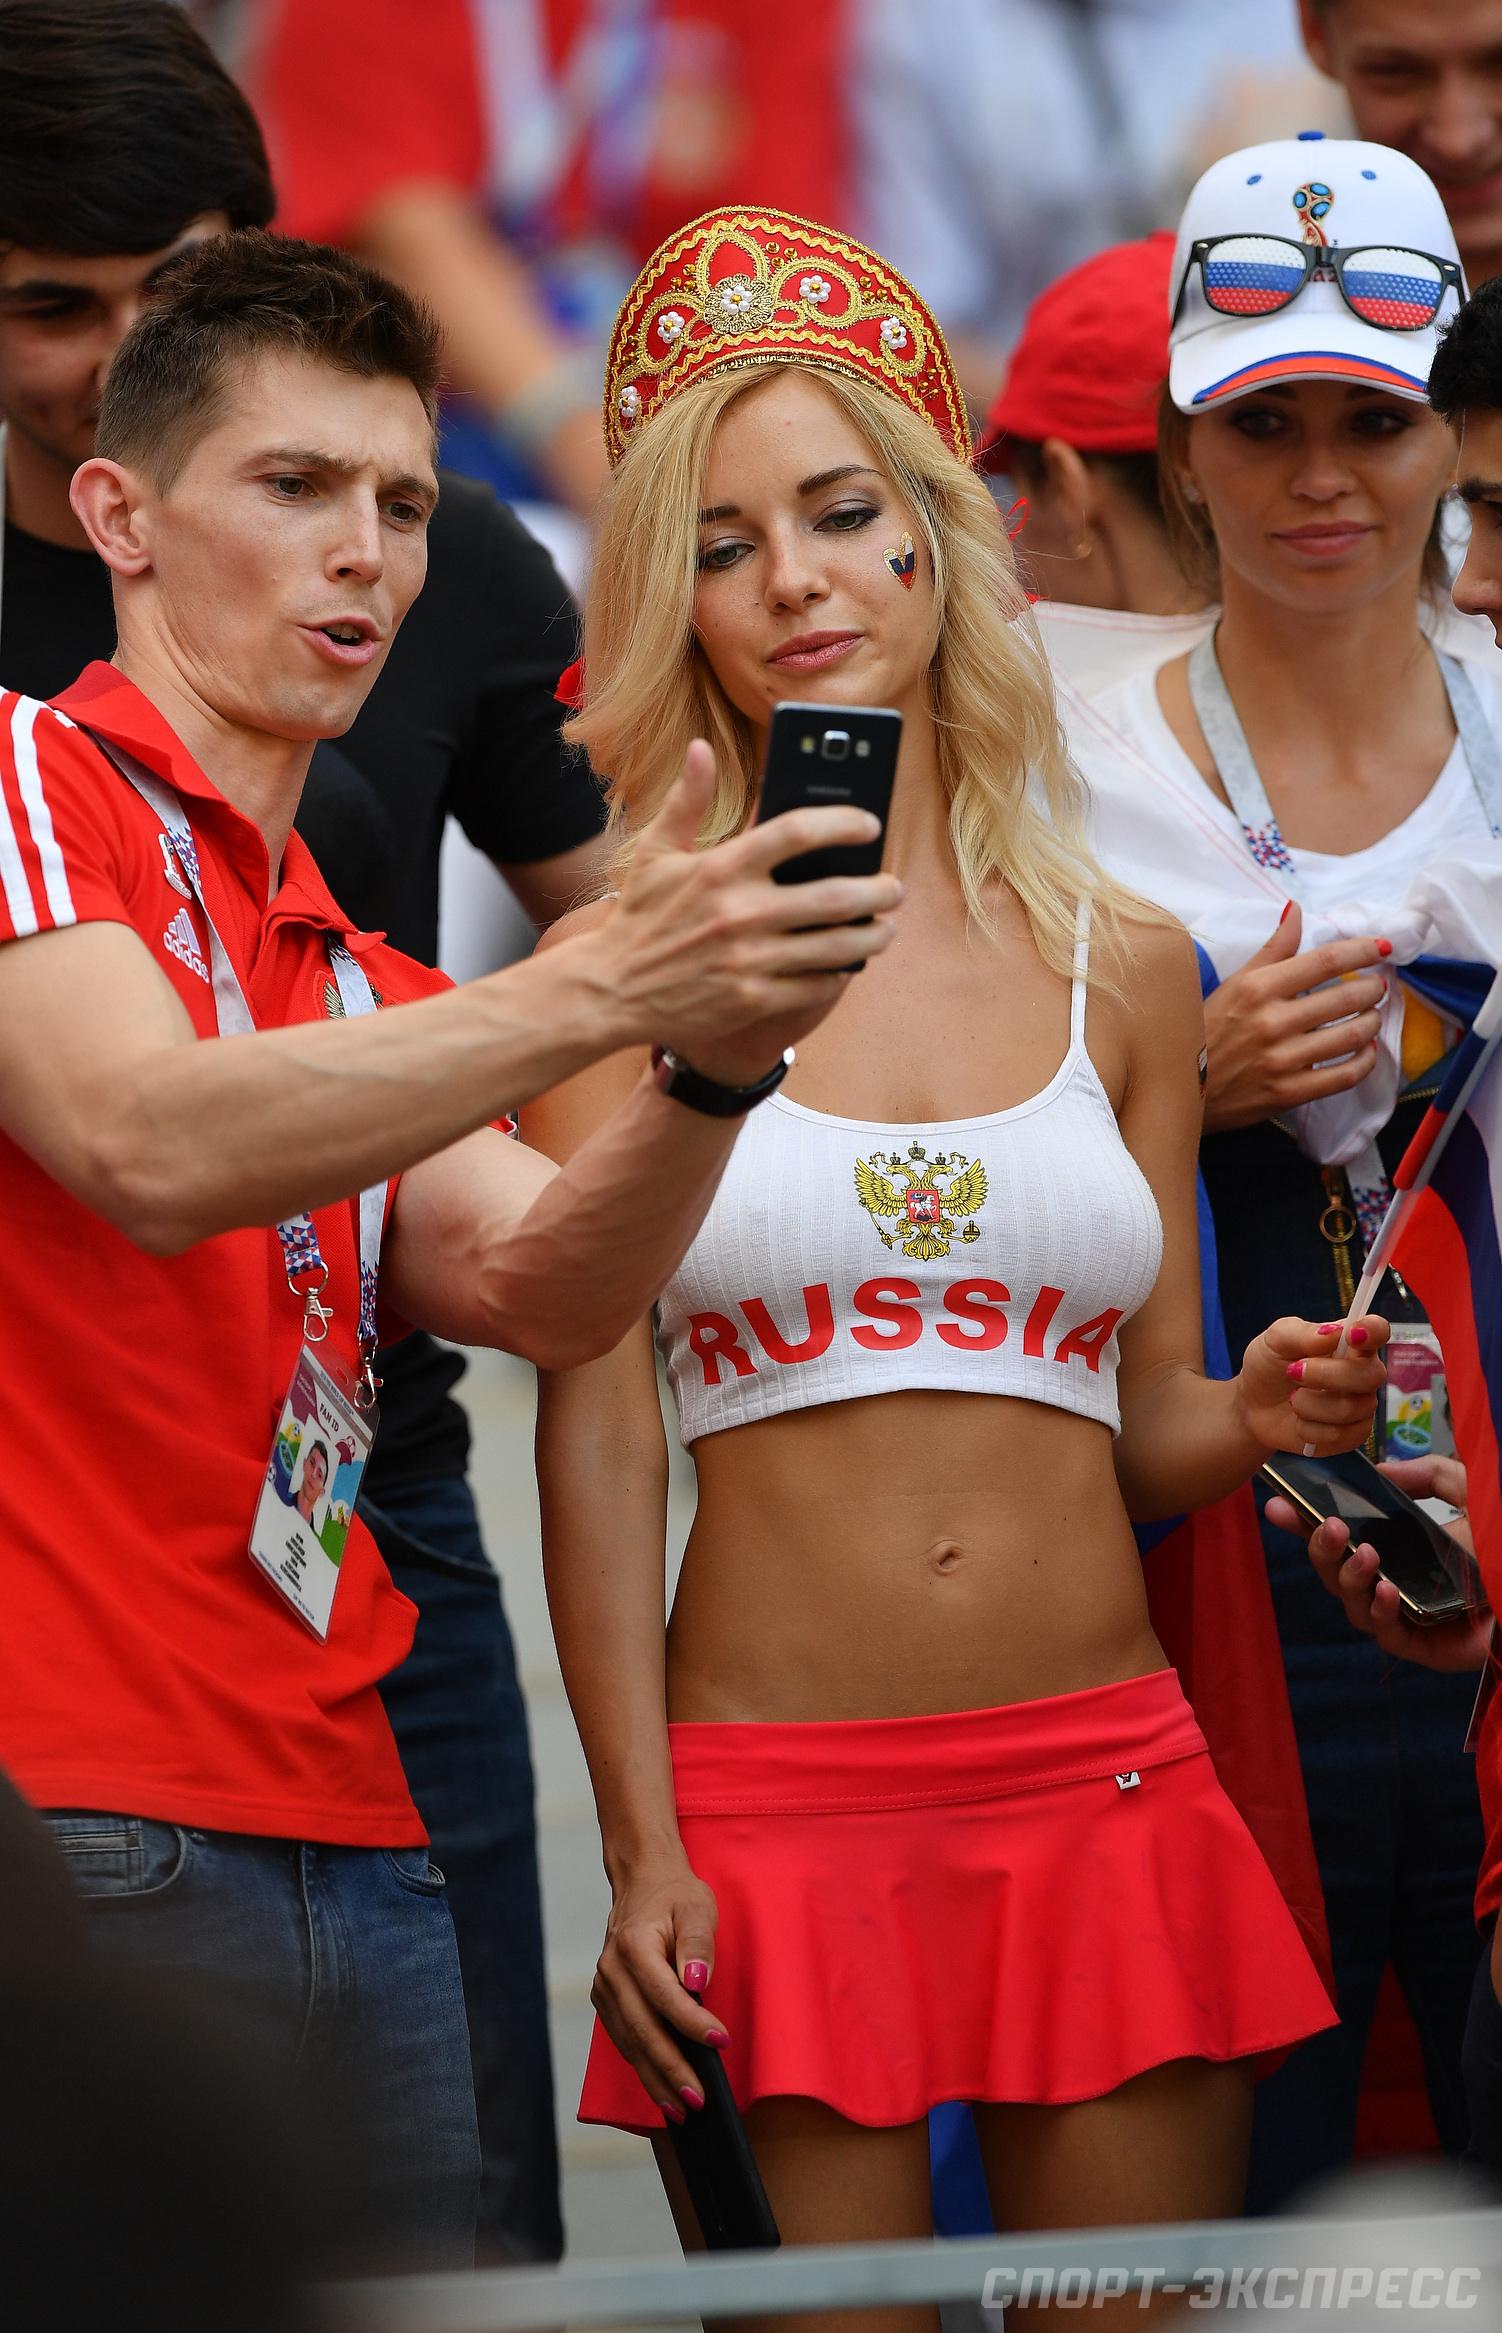 Команда мечты: 10 самых сексуальных футболистов мира